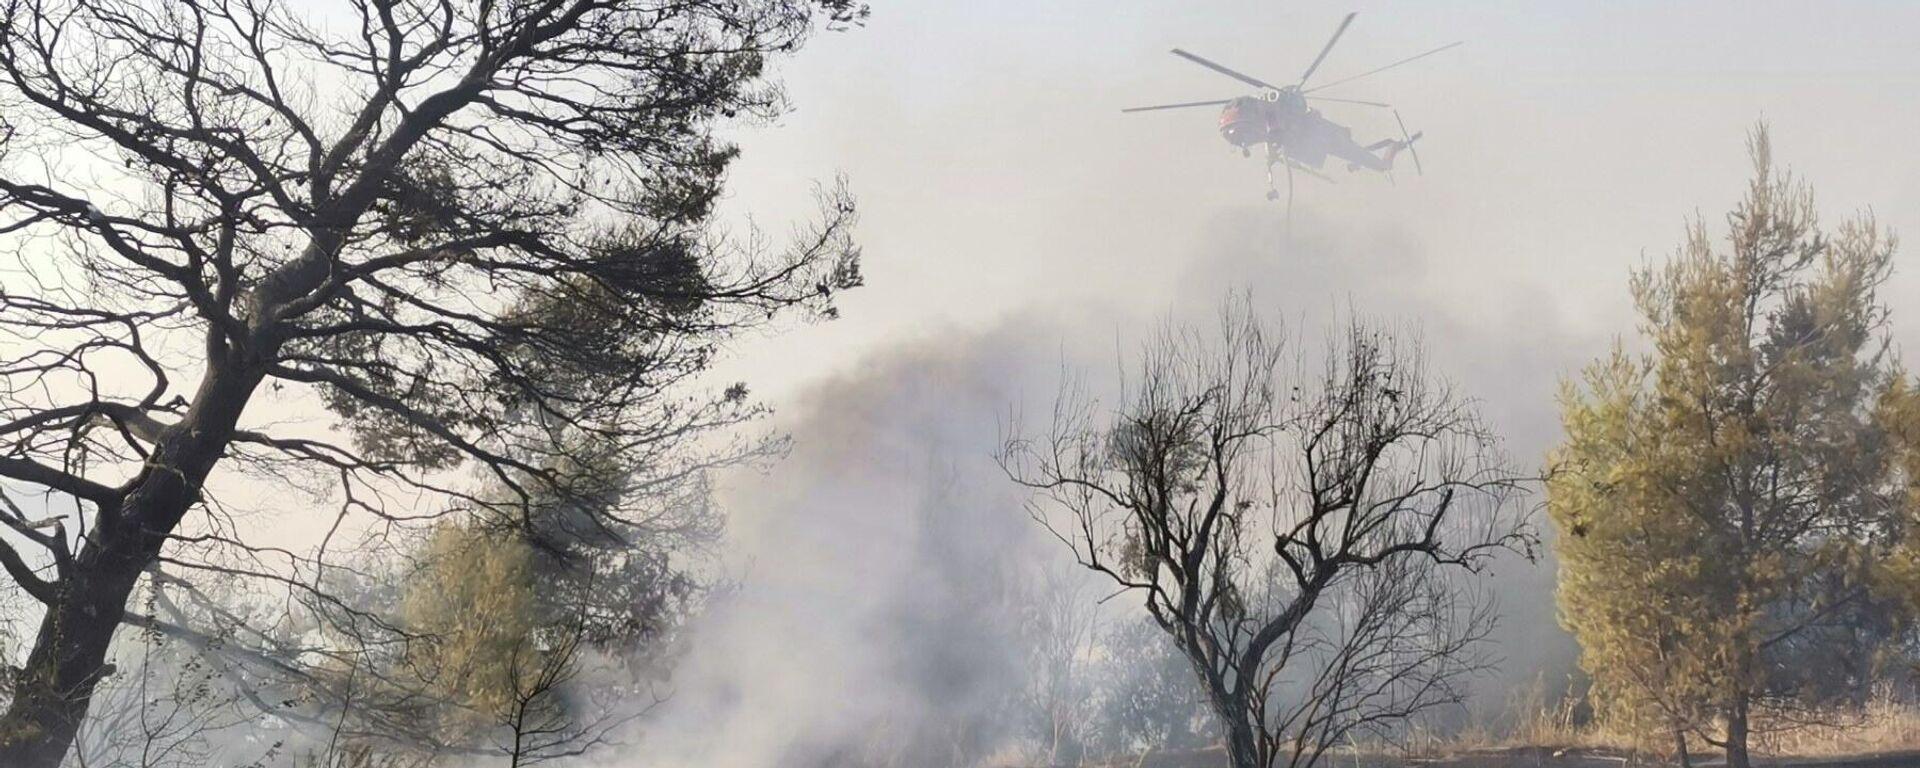 Συνεχίζεται η επιχείρηση κατάσβεσης στη φωτιά στη Βαρυμπόμπη - Sputnik Ελλάδα, 1920, 04.08.2021